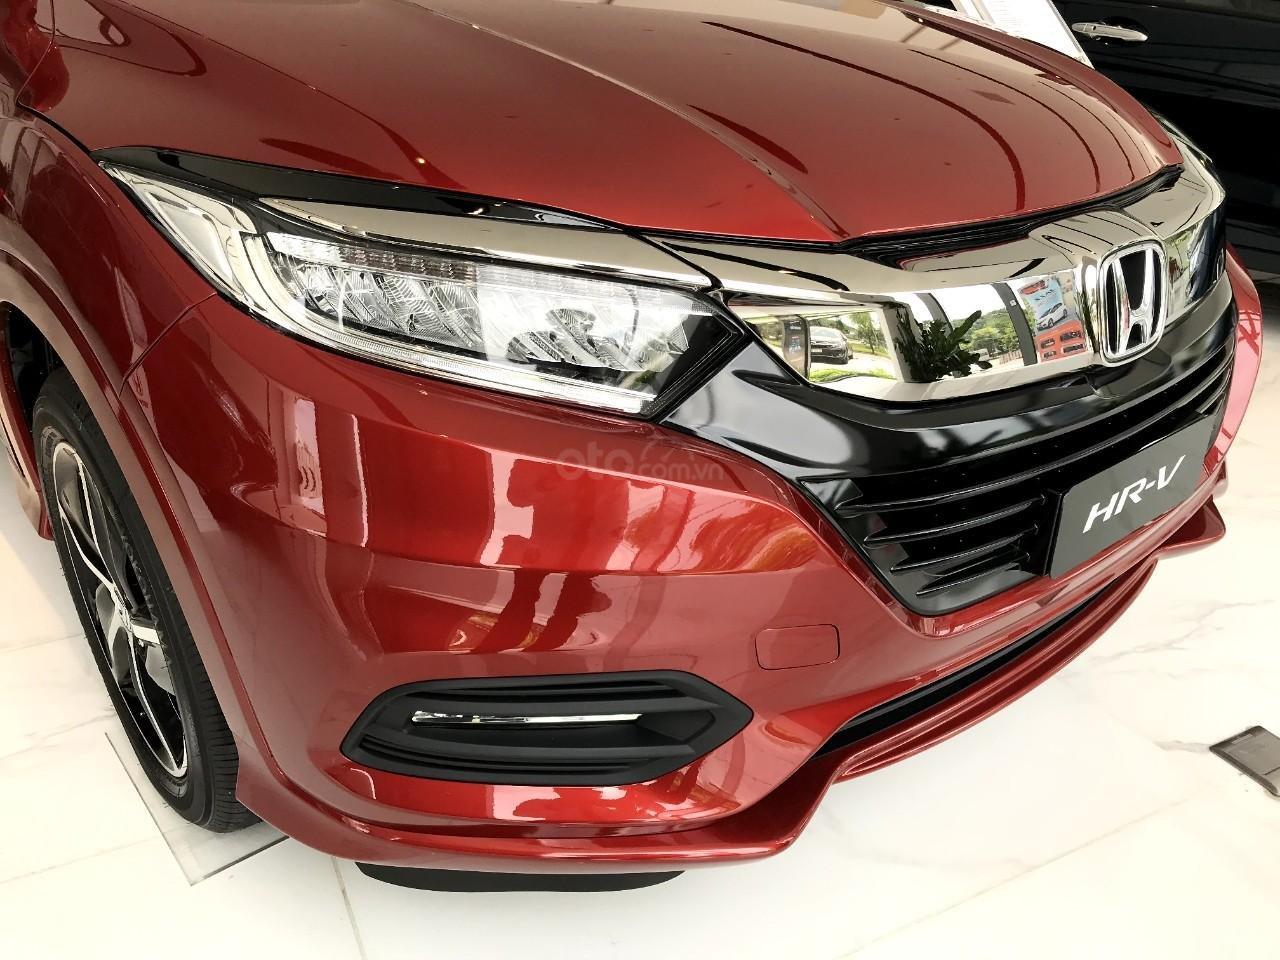 Honda oto Sài Gòn Quận 7, HR-V 2019, chỉ 250tr bạn đã có thể mang xe về nhà với nhiều gói quà tặng hấp dẫn (8)